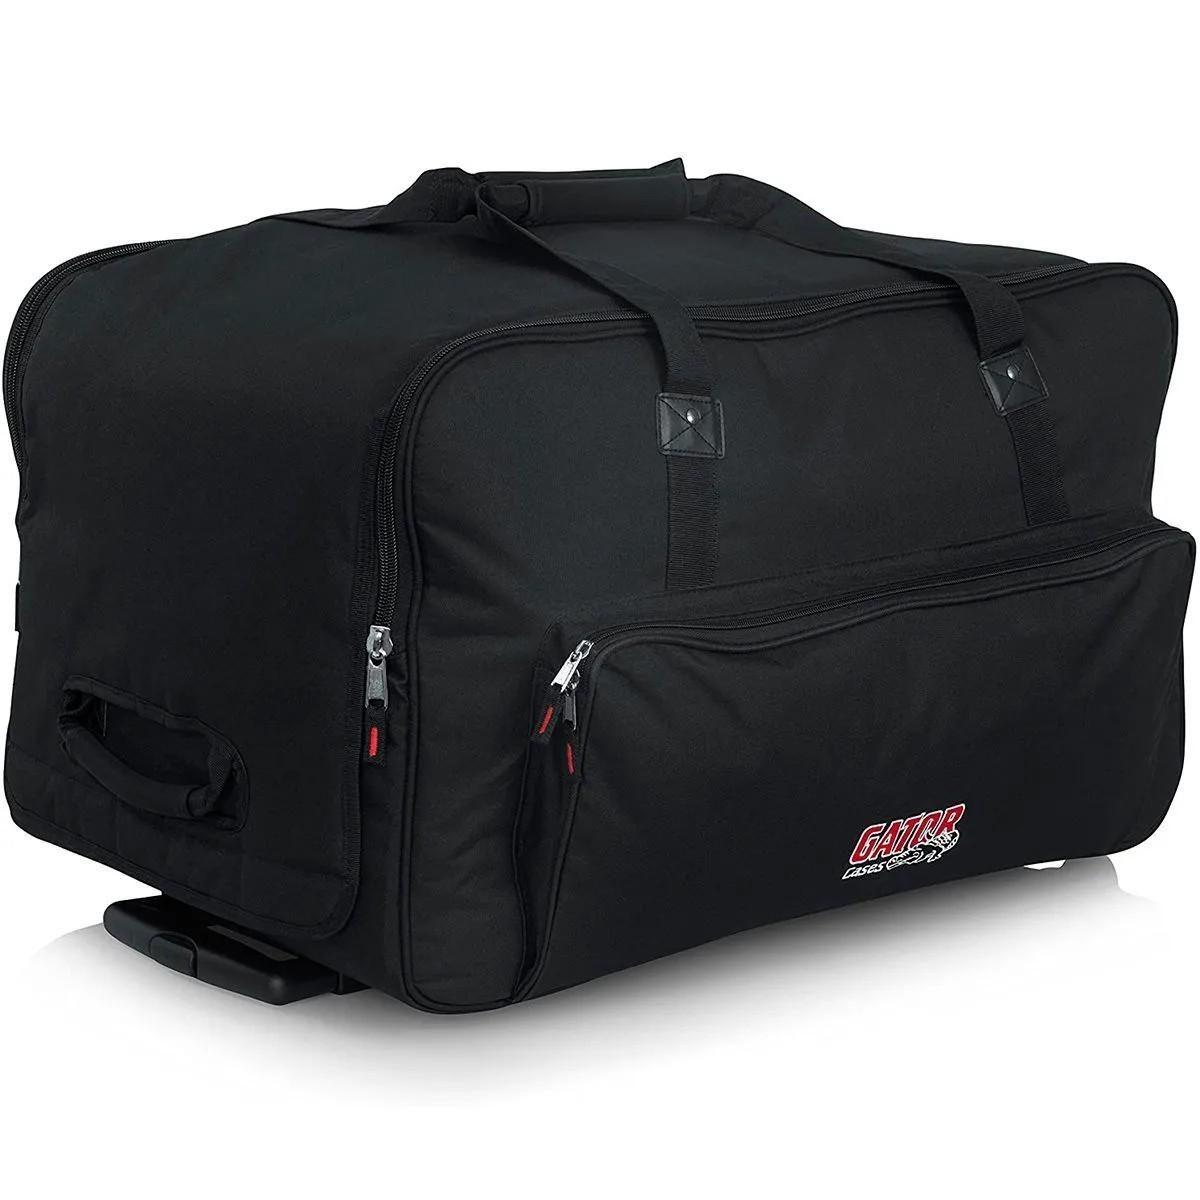 Bag Gator GPA-712LG para Caixa Acústica com Alça e Rodas 12